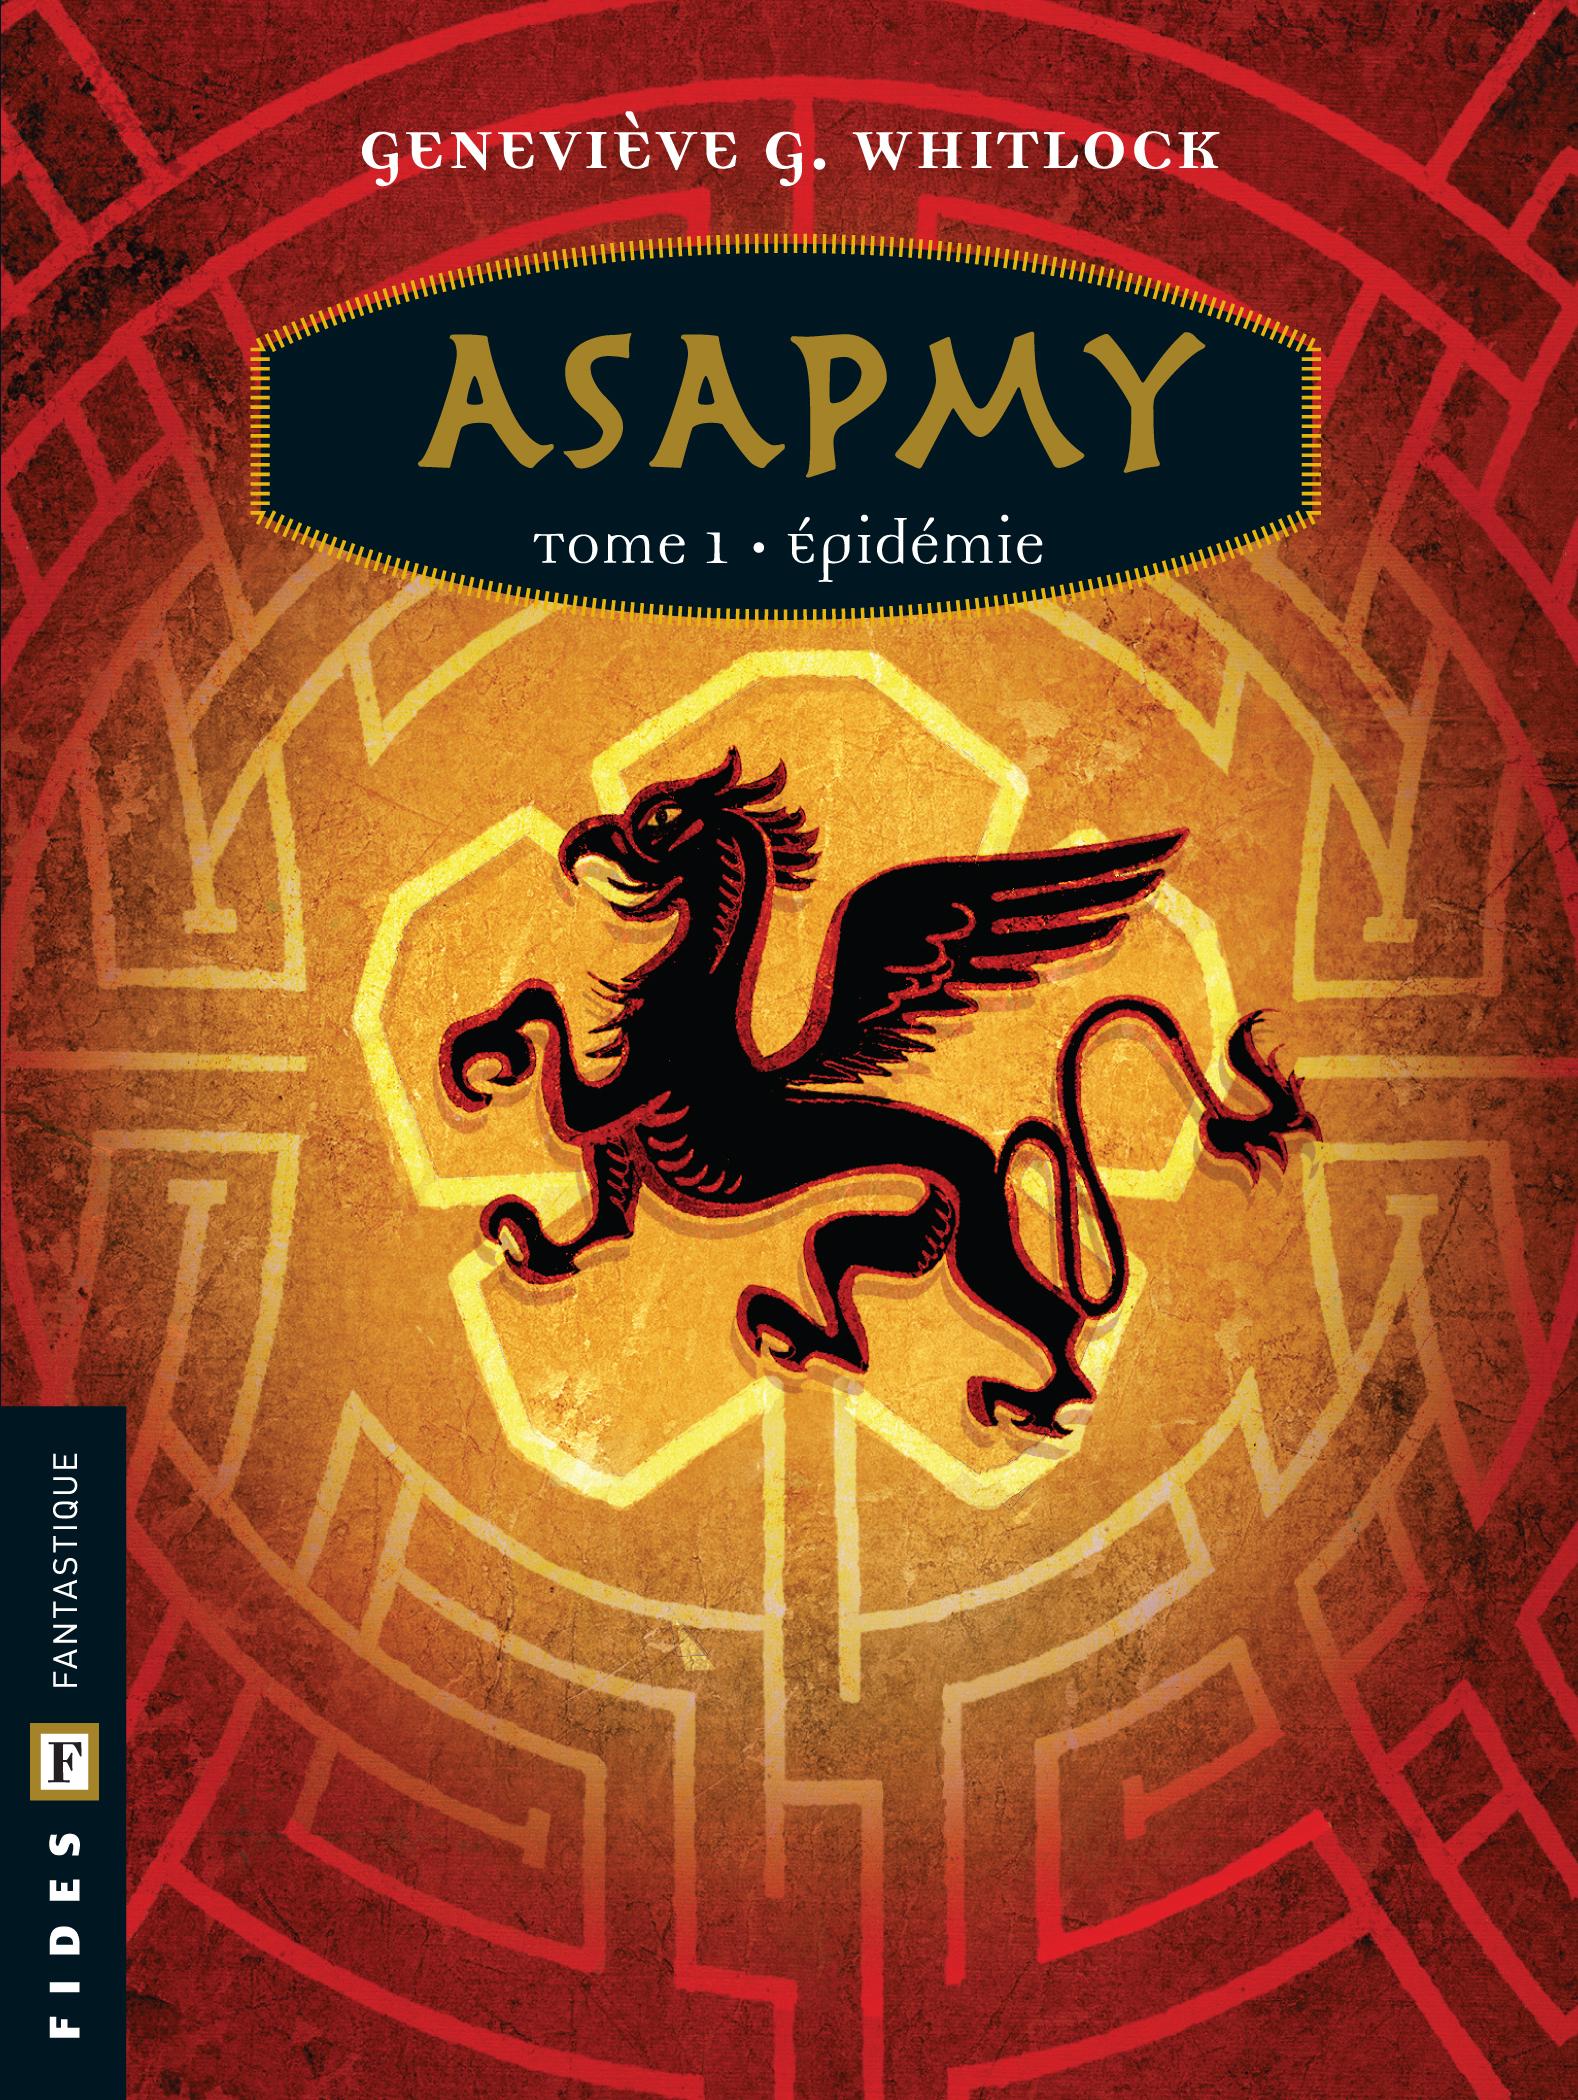 Asapmy - Tome 1, Épidémie